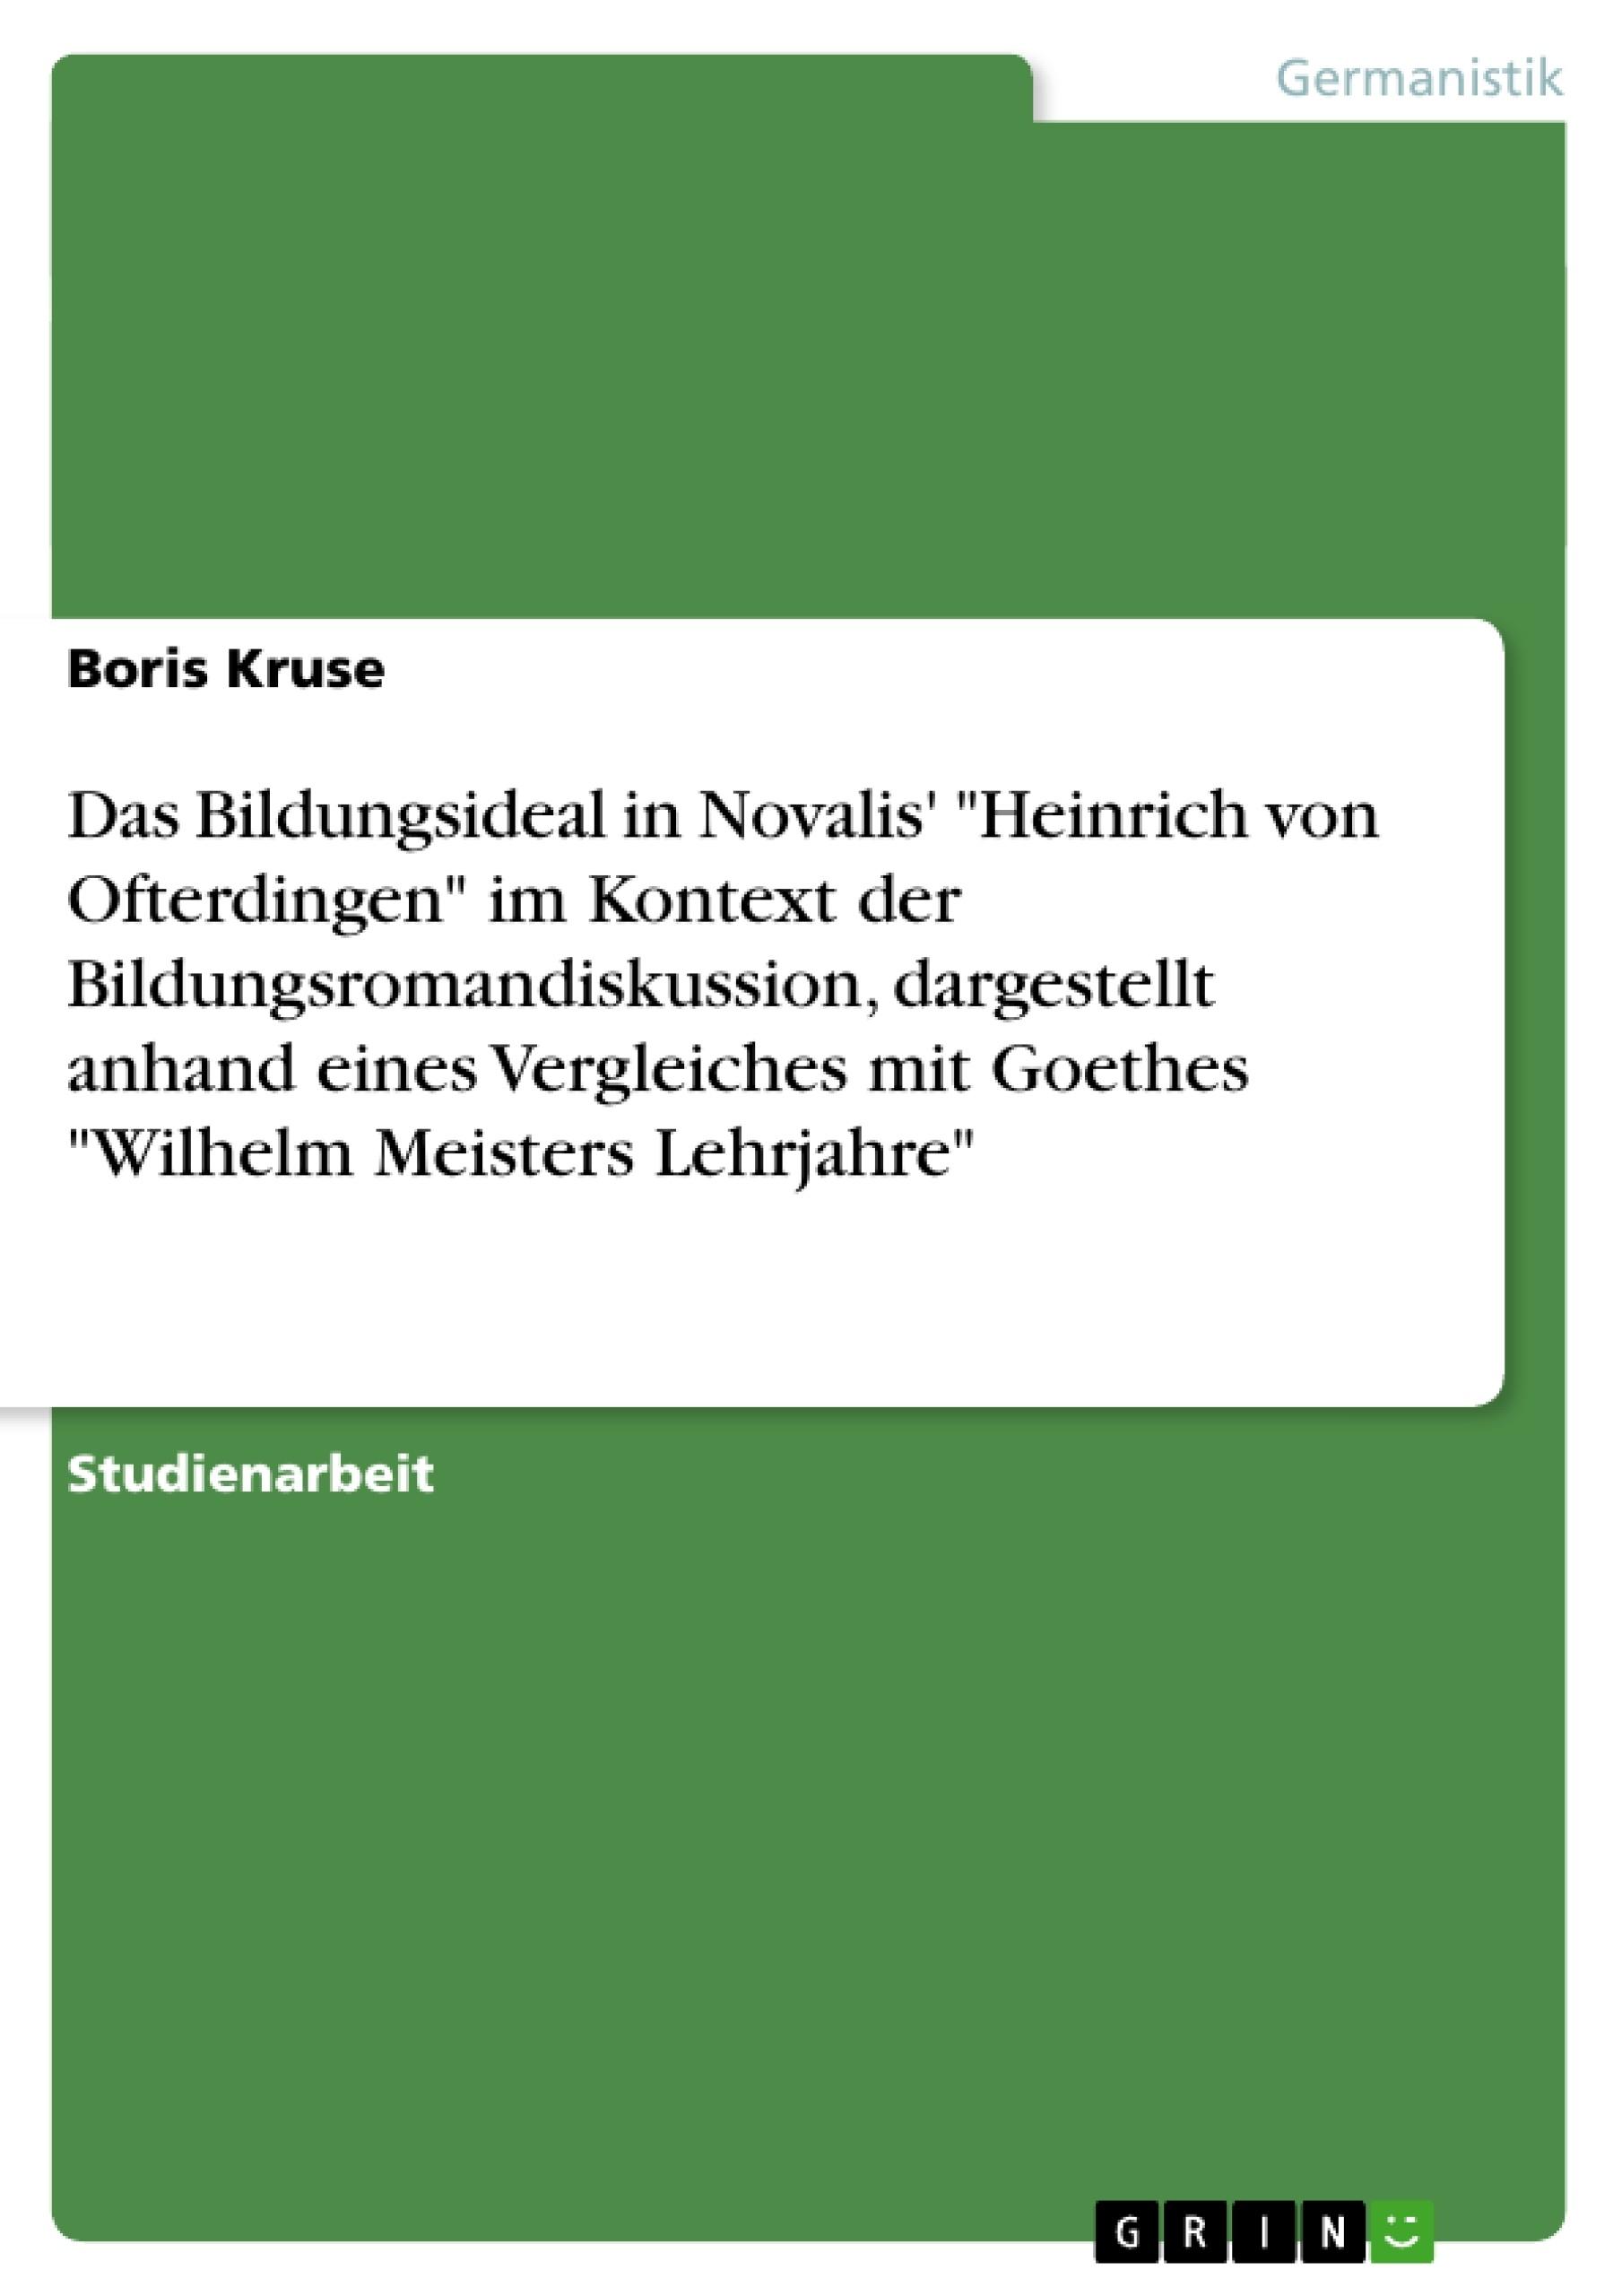 """Titel: Das Bildungsideal in Novalis' """"Heinrich von Ofterdingen"""" im Kontext der Bildungsromandiskussion, dargestellt anhand eines Vergleiches mit Goethes """"Wilhelm Meisters Lehrjahre"""""""